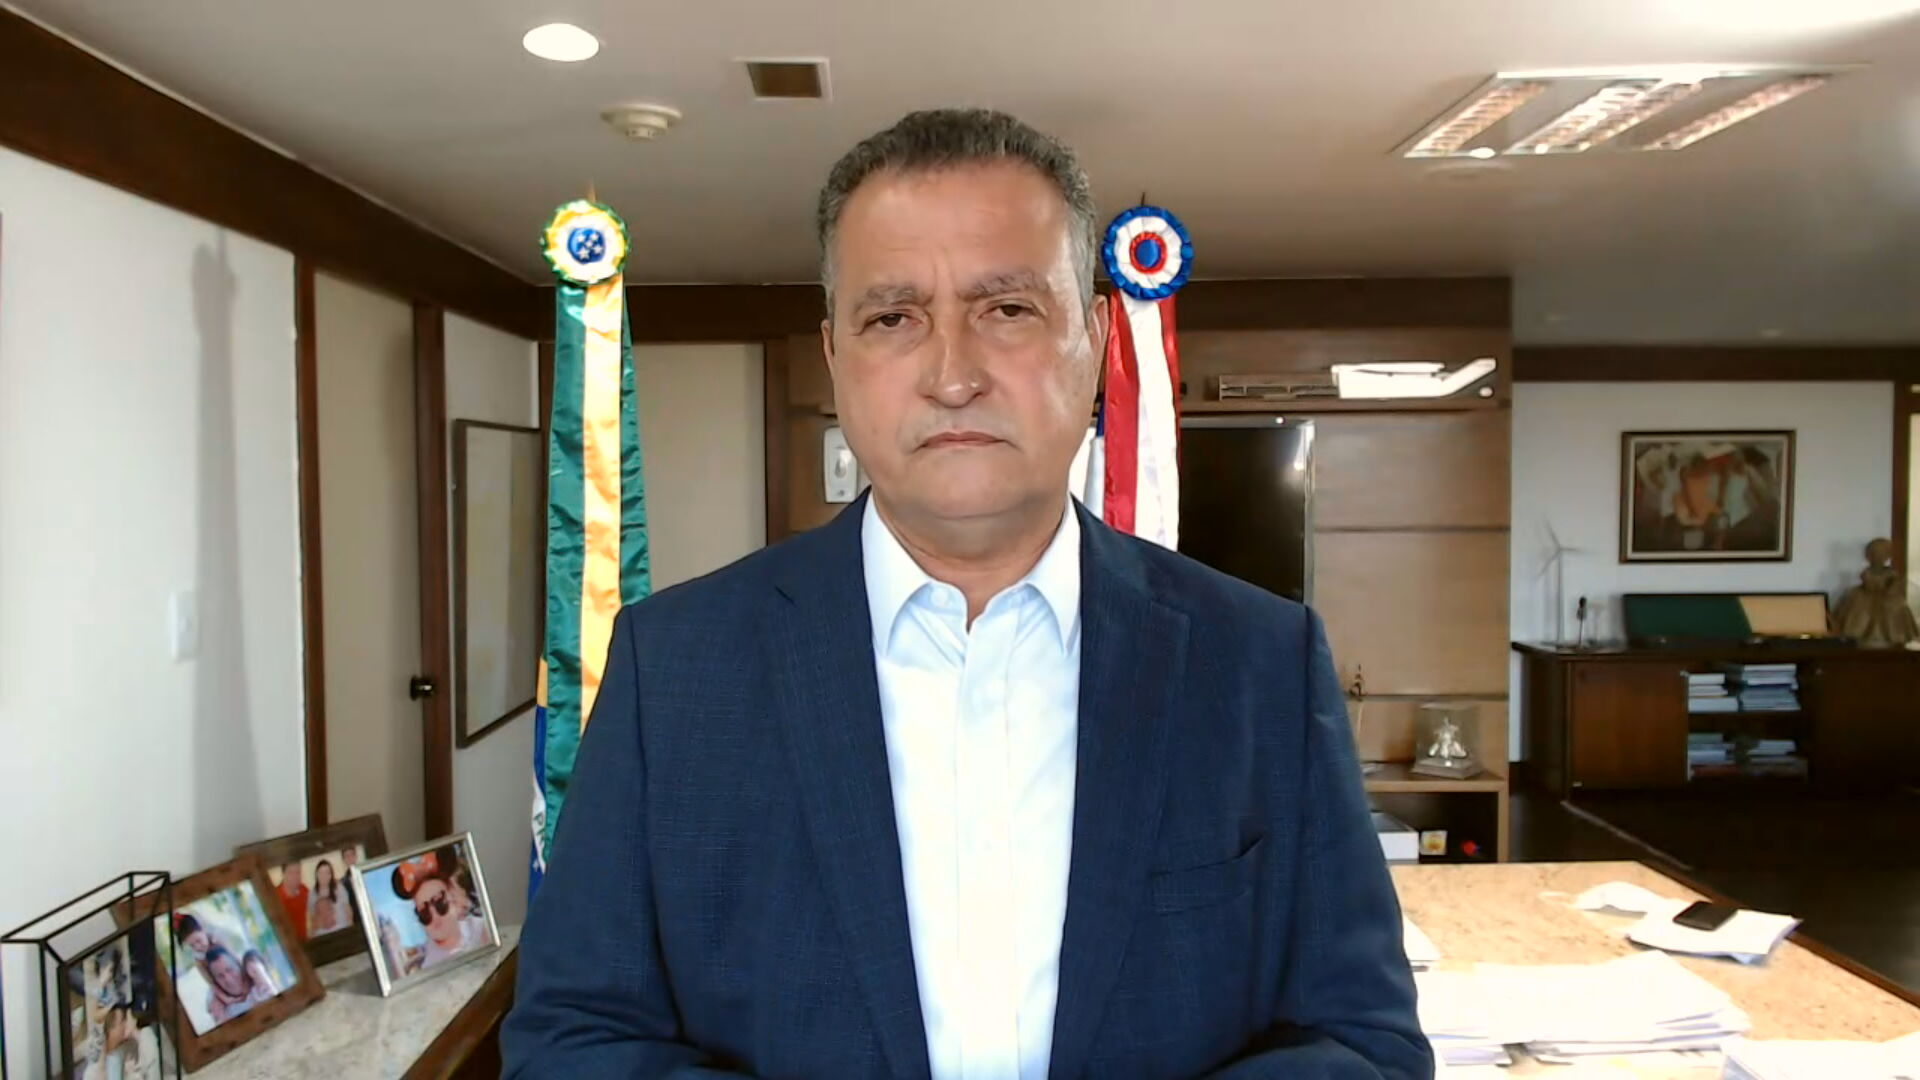 Governador confirma novo decreto que vai liberar 50% da capacidade dos estádios na Bahia